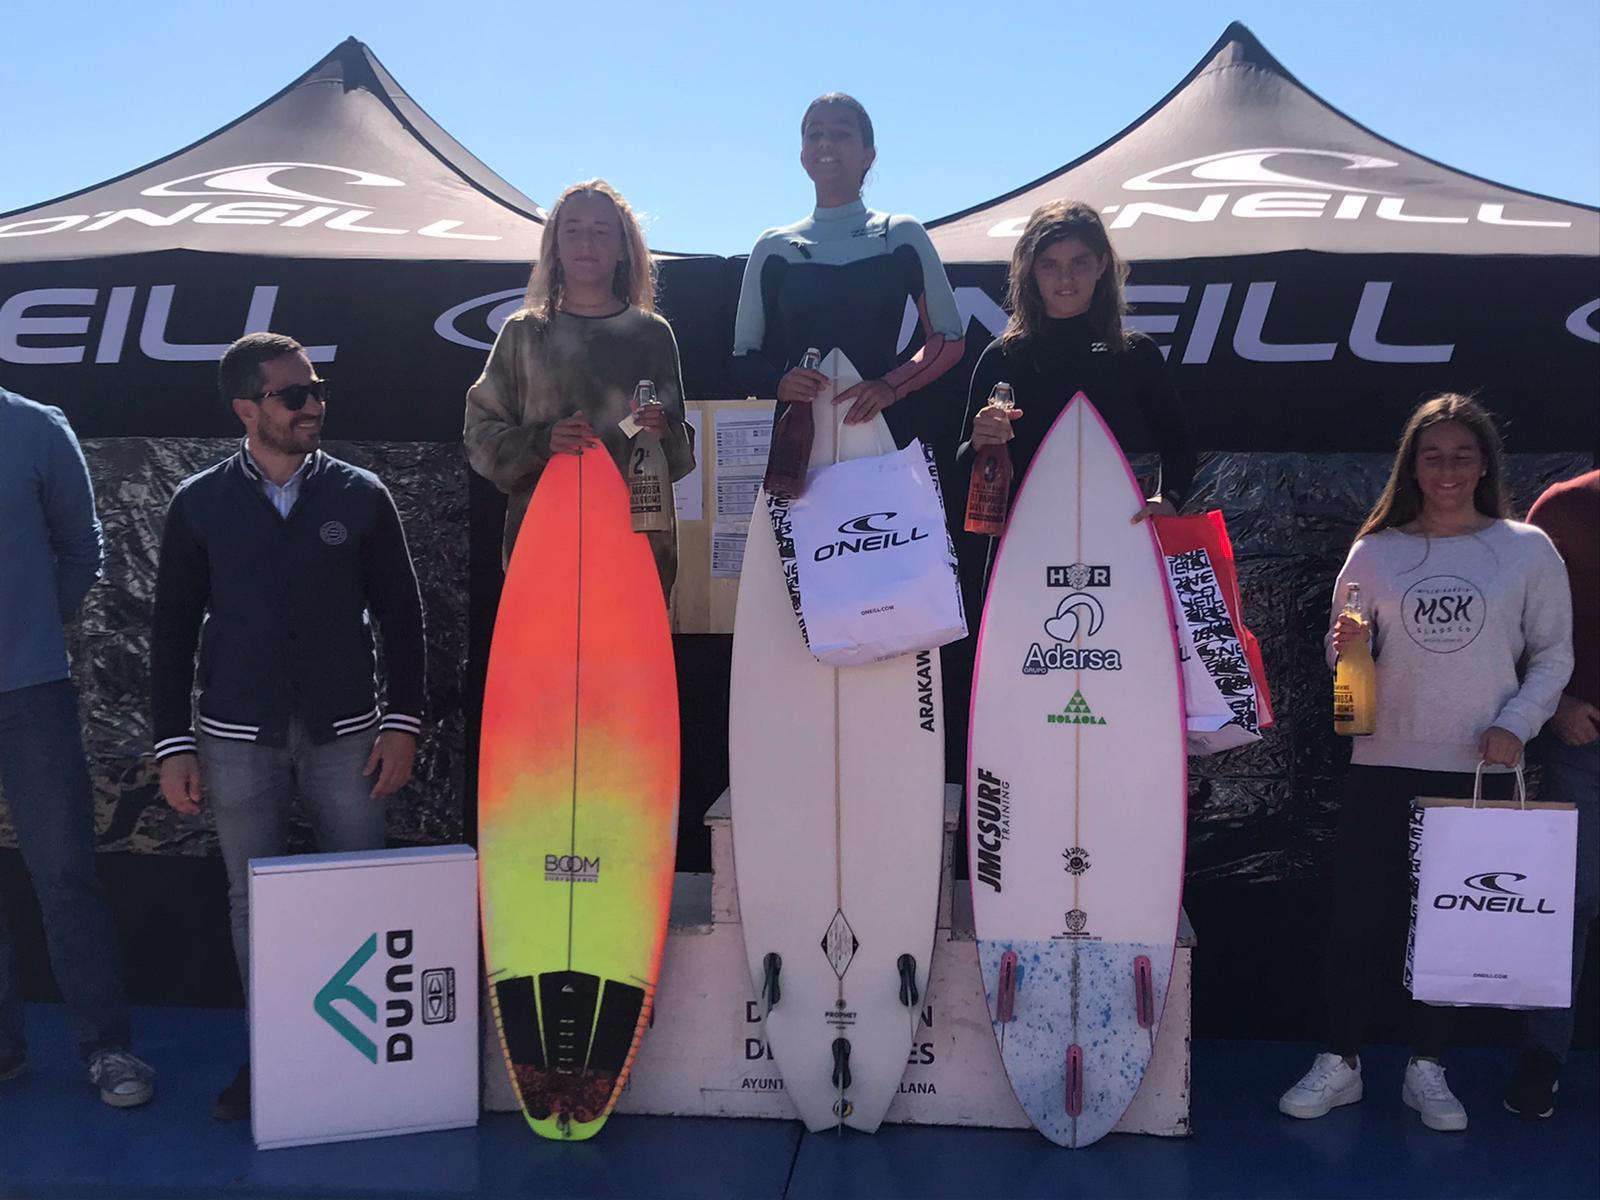 Kenia López, Bronce Sub-14 en la Prueba del Circuito Nacional de Surf celebrada en Chiclana